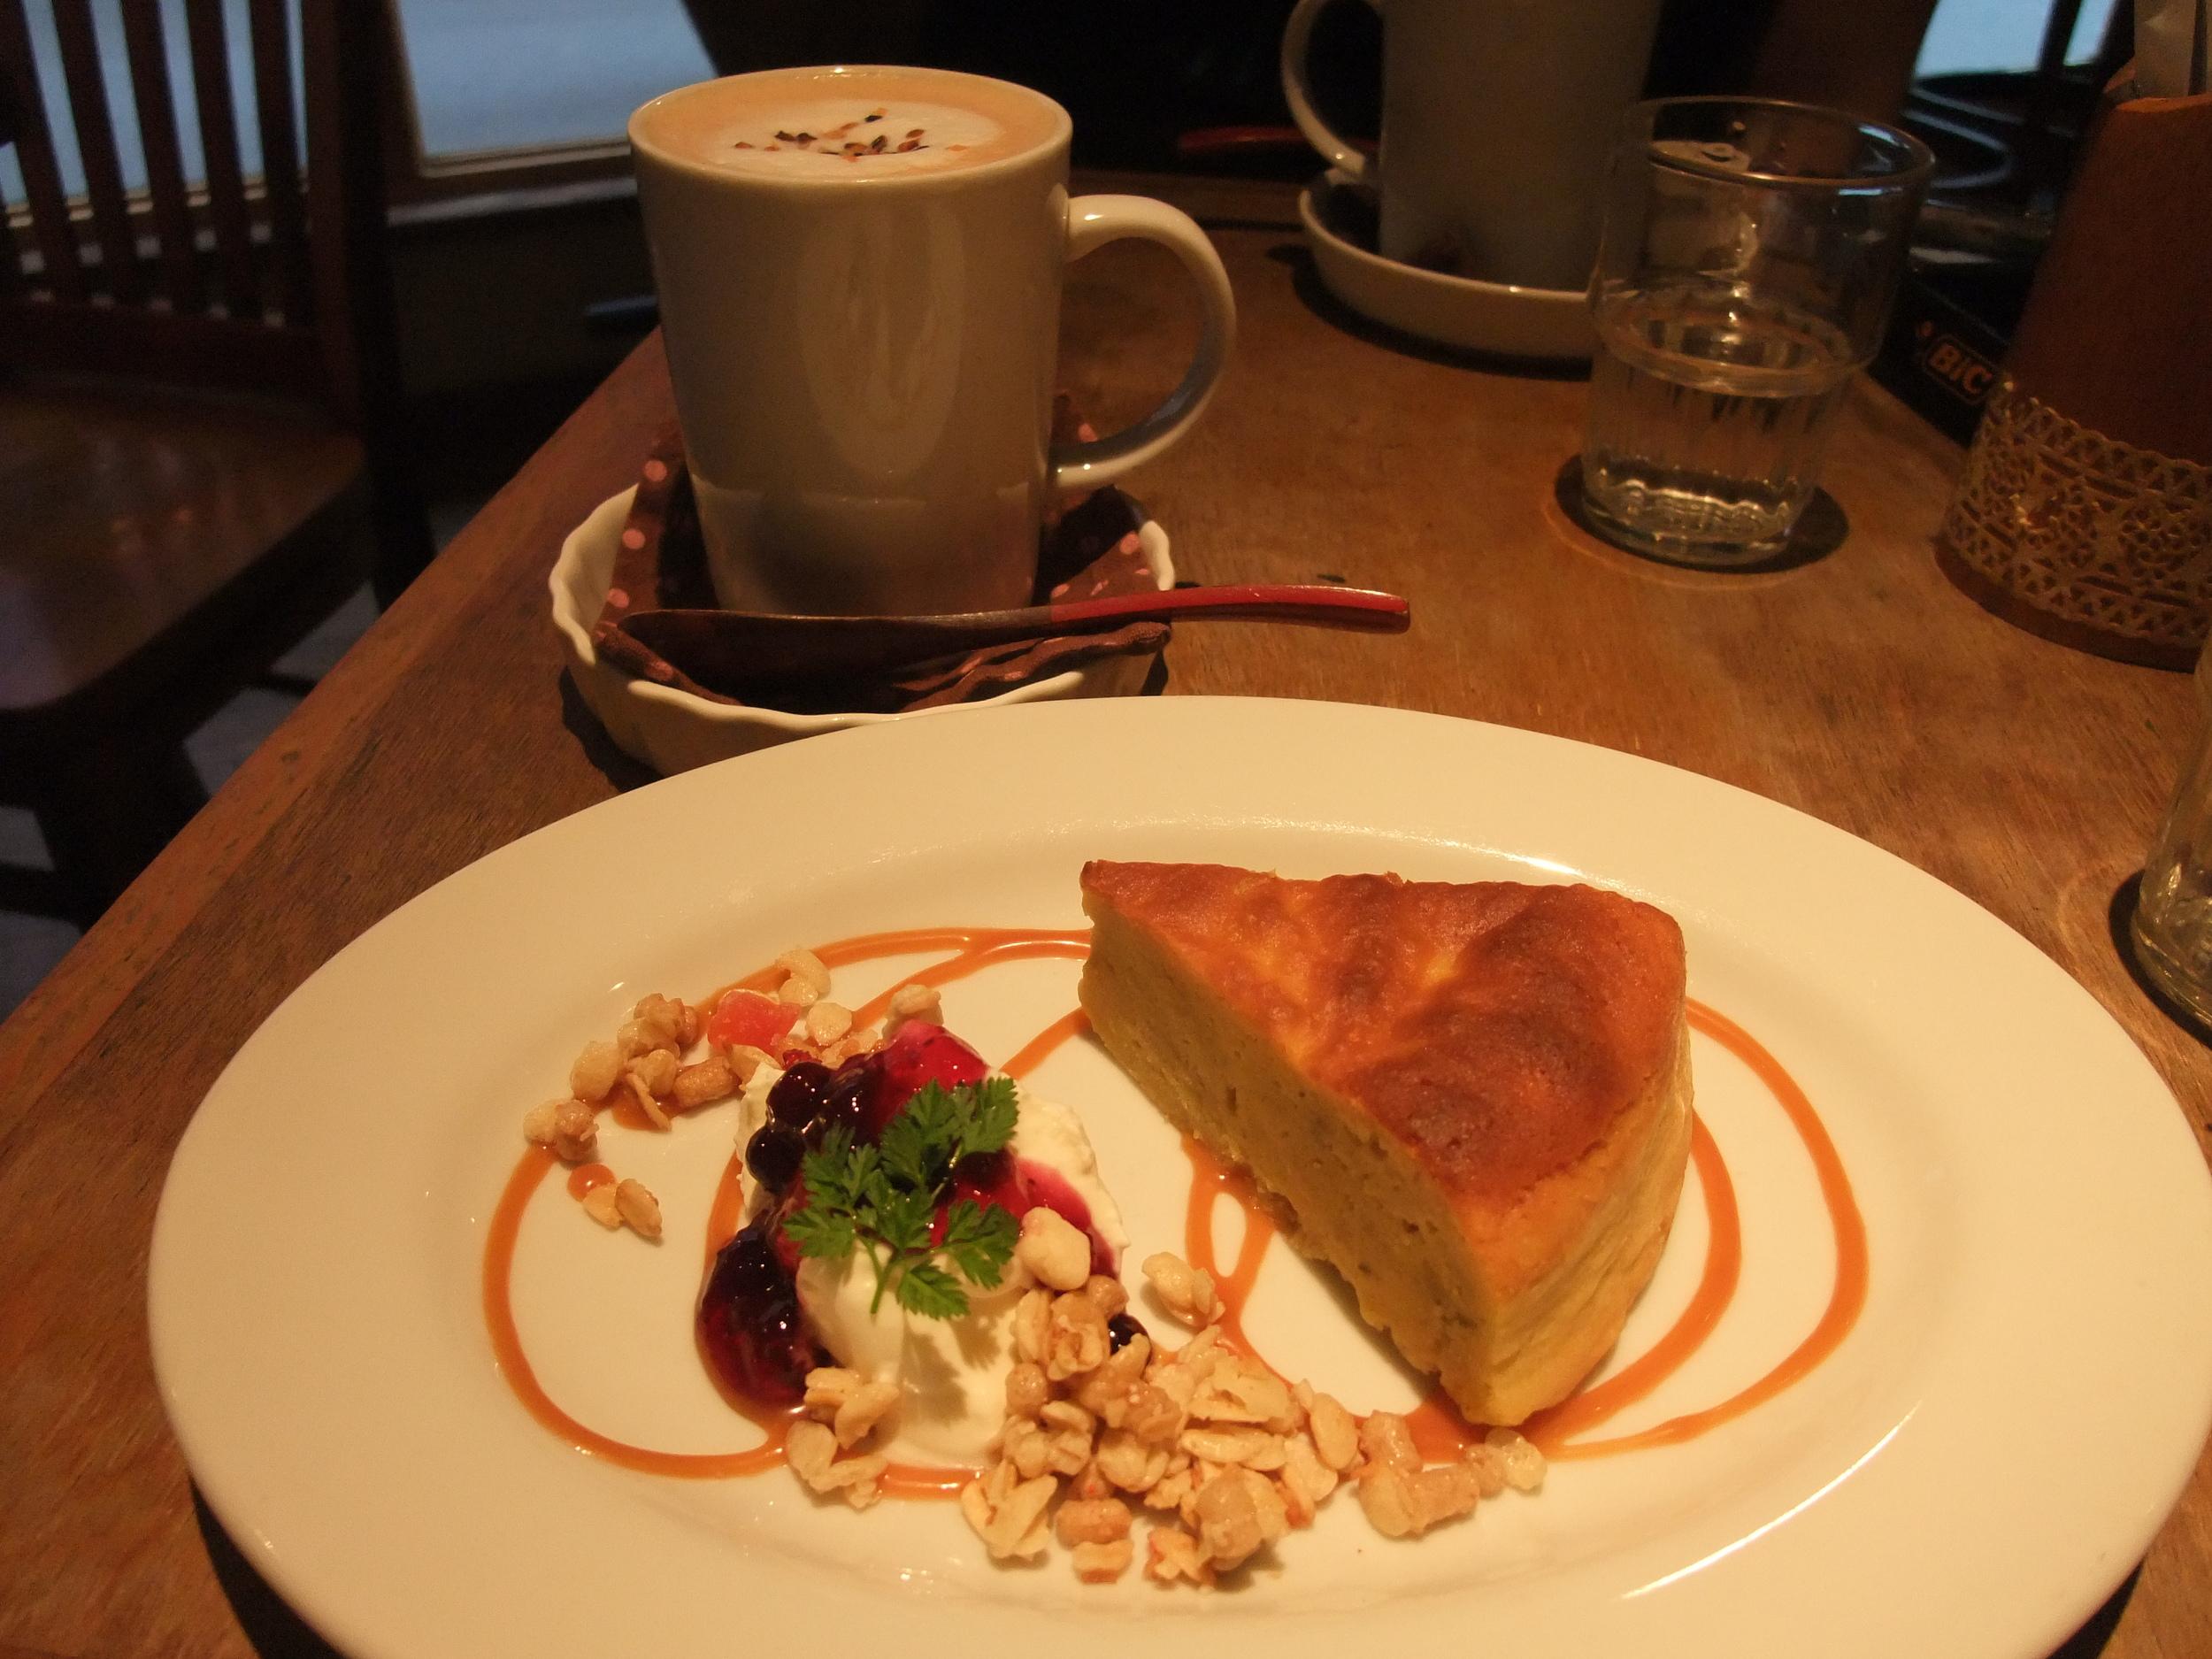 Sweet potato cake in a café